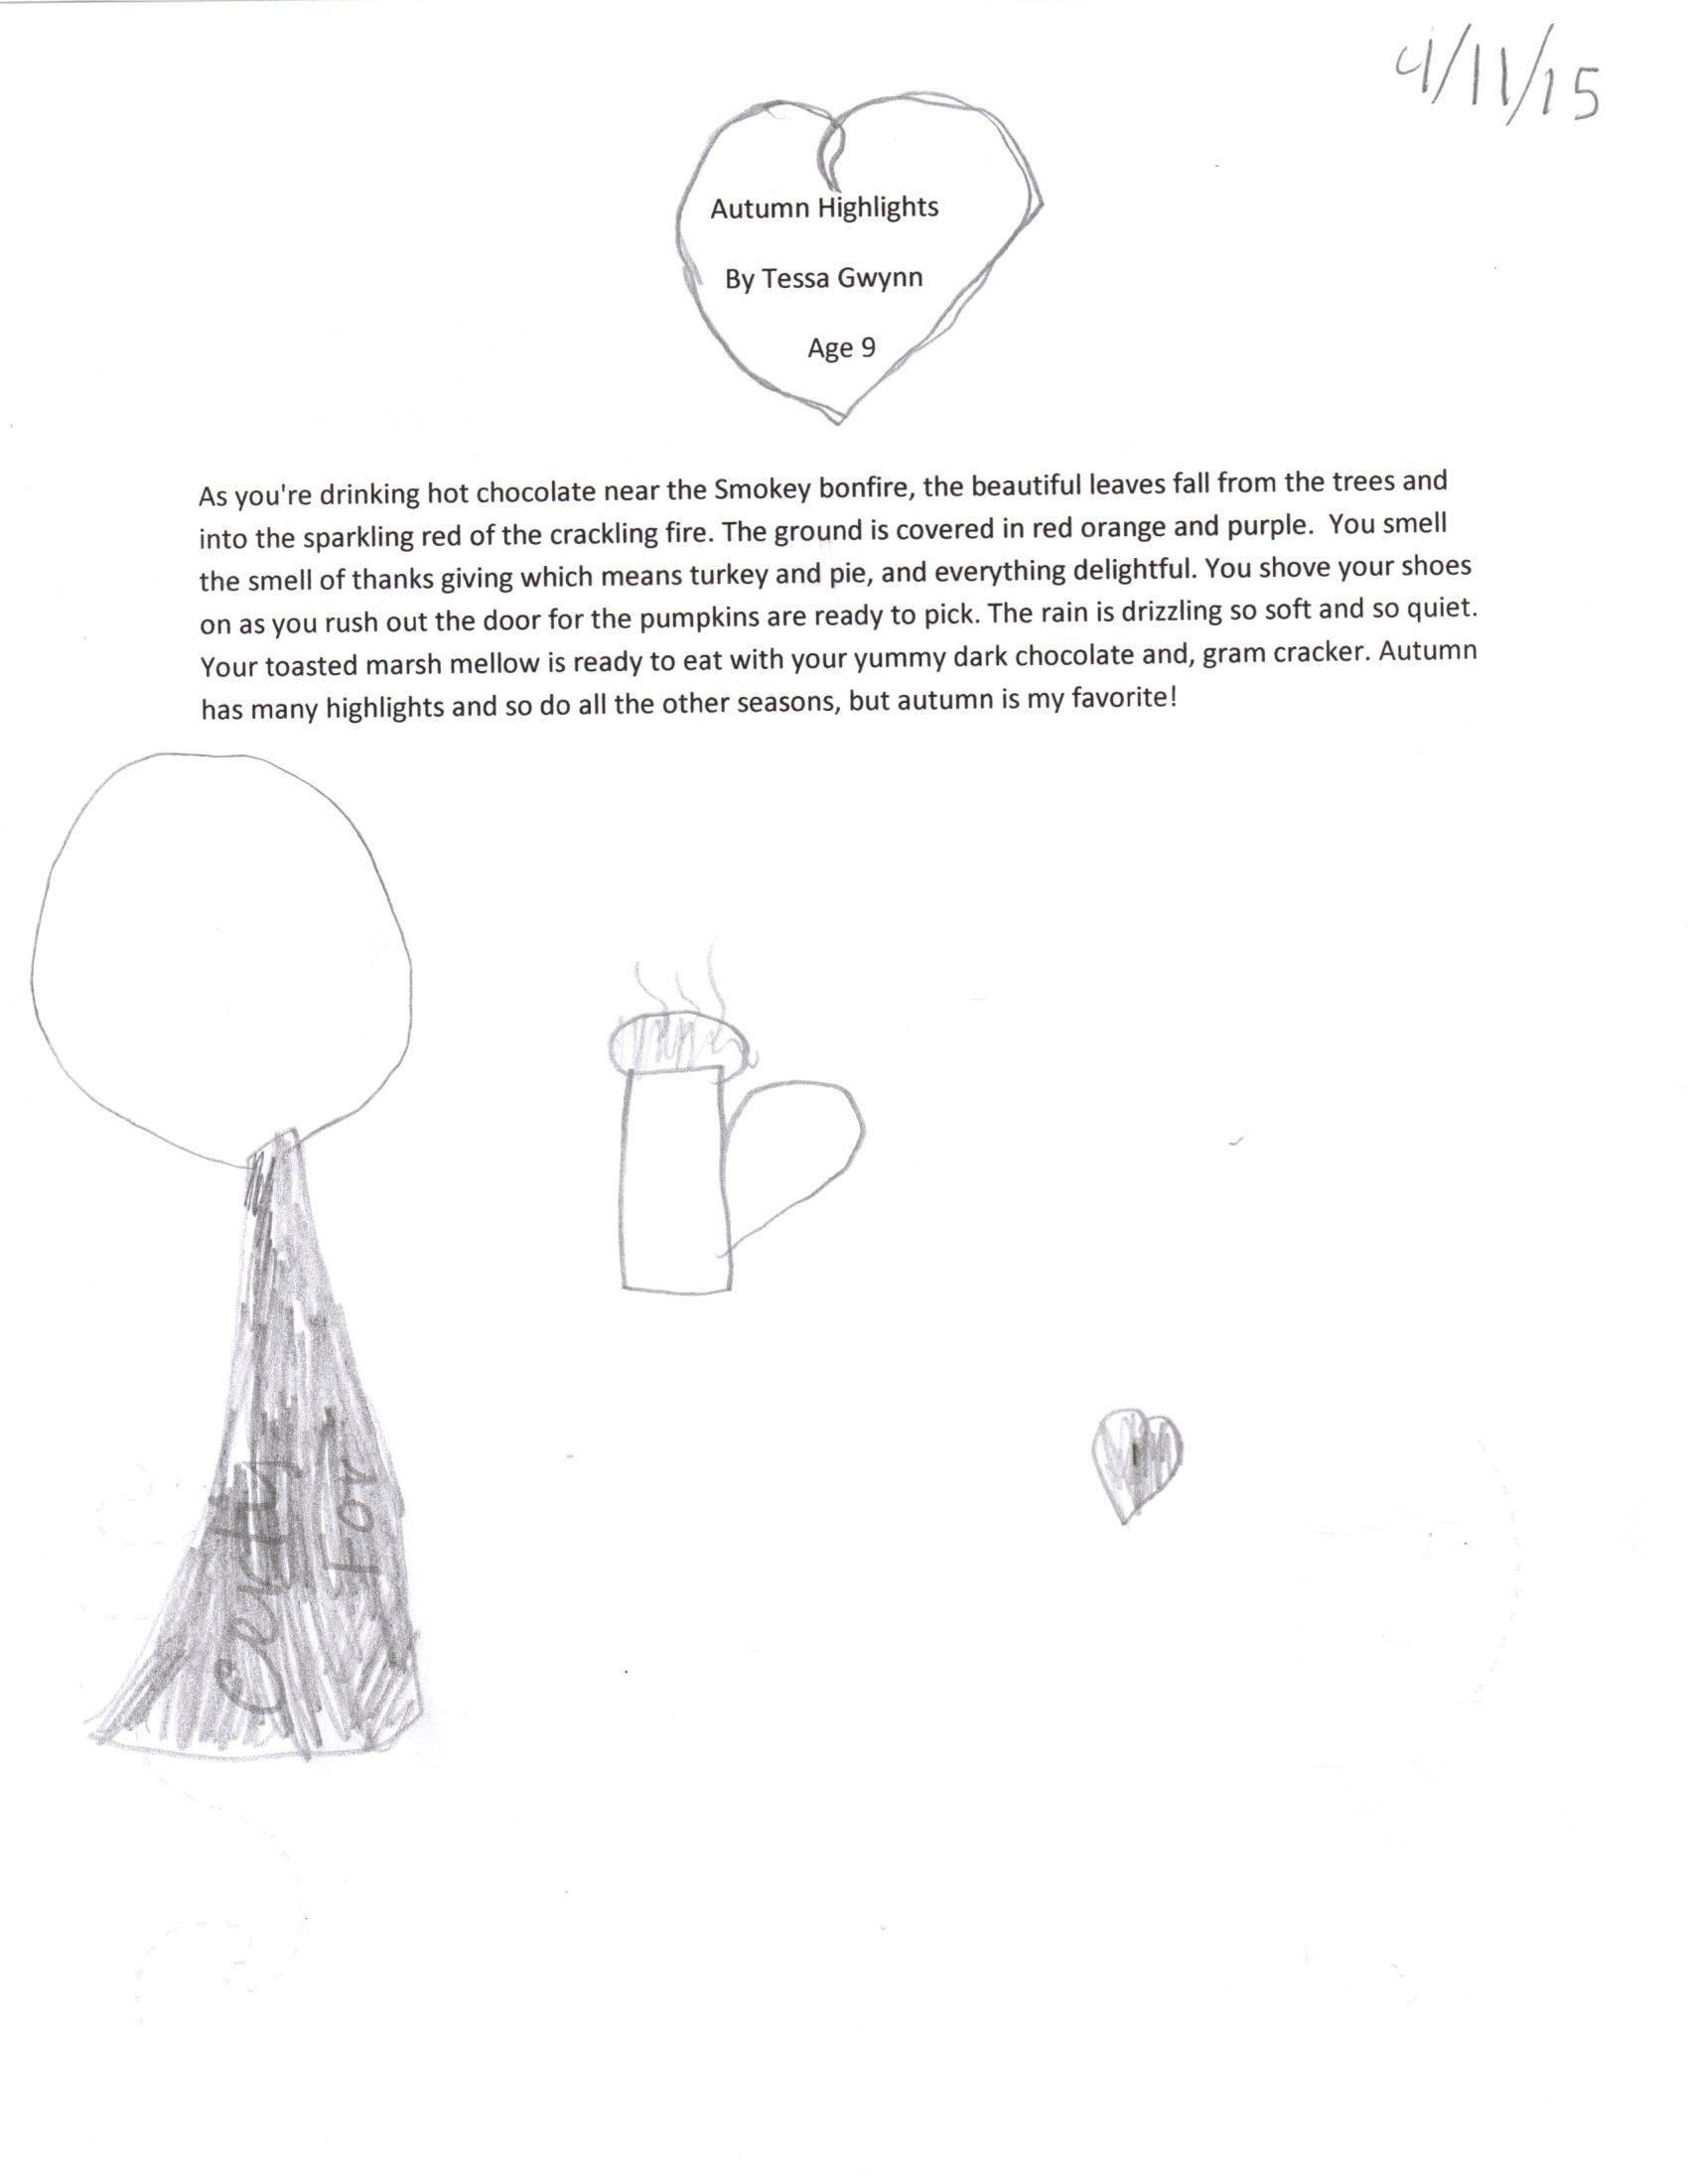 Tessa's poem.jpg